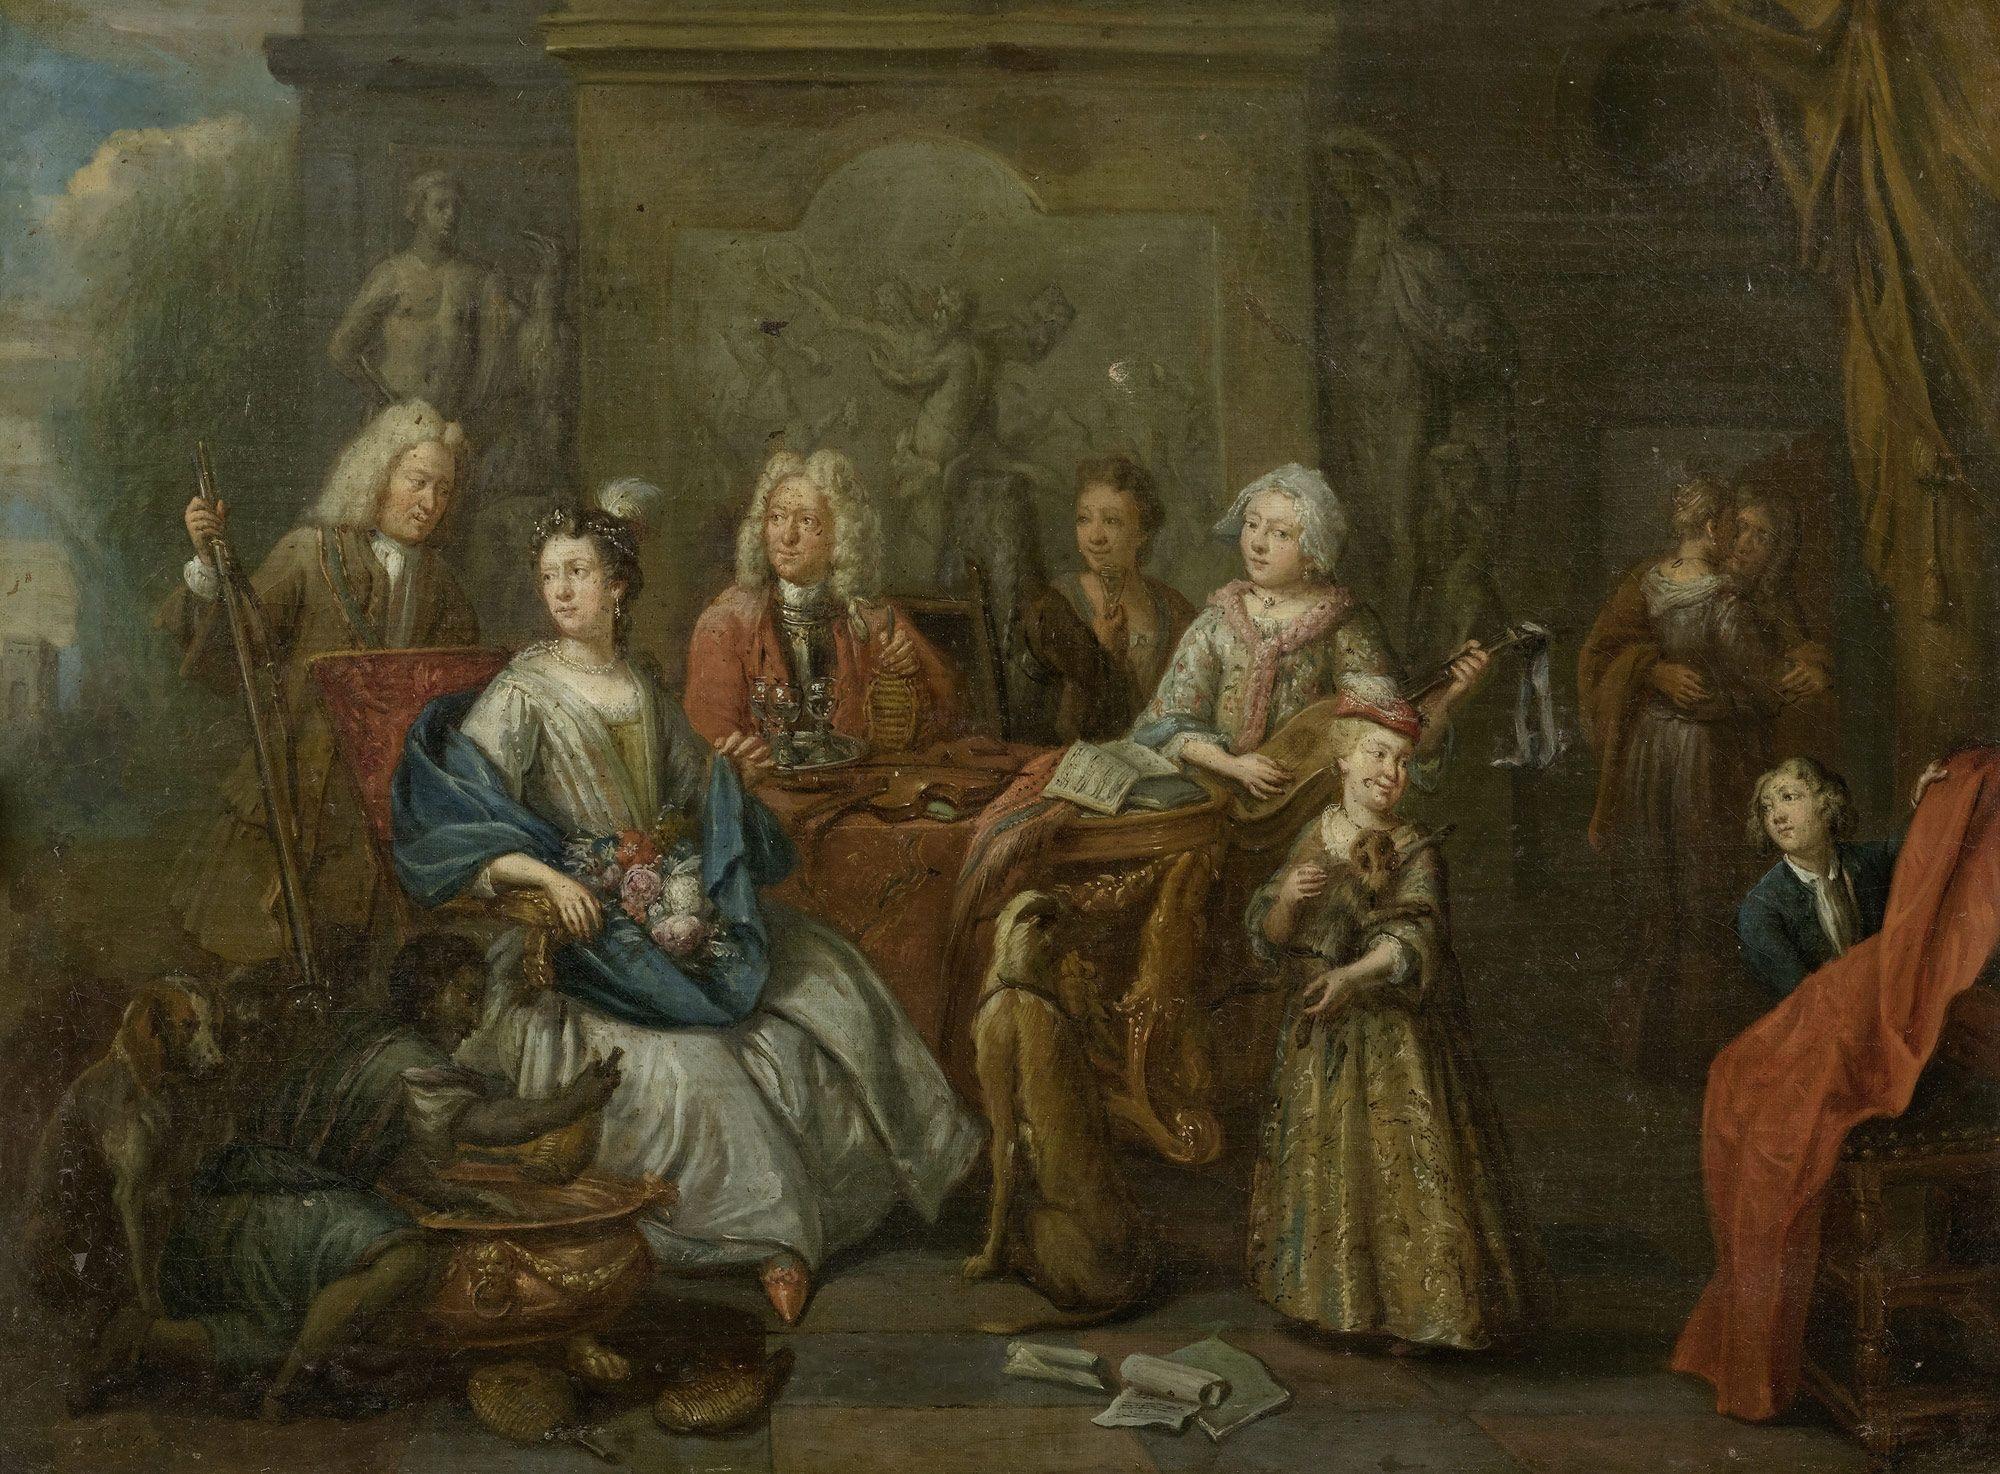 Семейный портрет с охотничьими трофеями и музыкальными инструментами. 59 x 81 см. частная коллекция-1